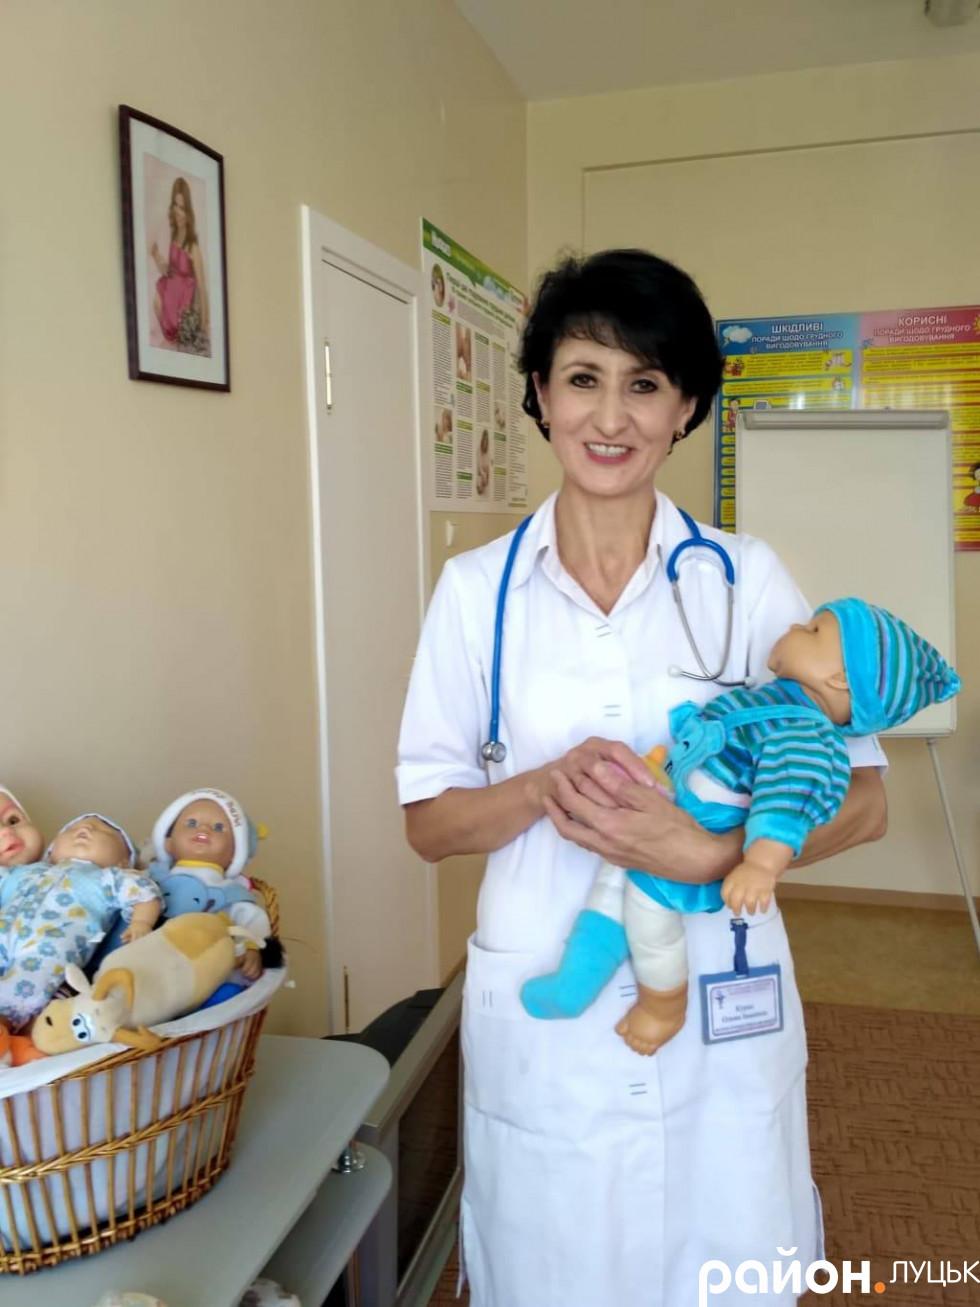 Заступниця головного лікаря з неонатології Луцького клінічного пологового будинку Олена Курак